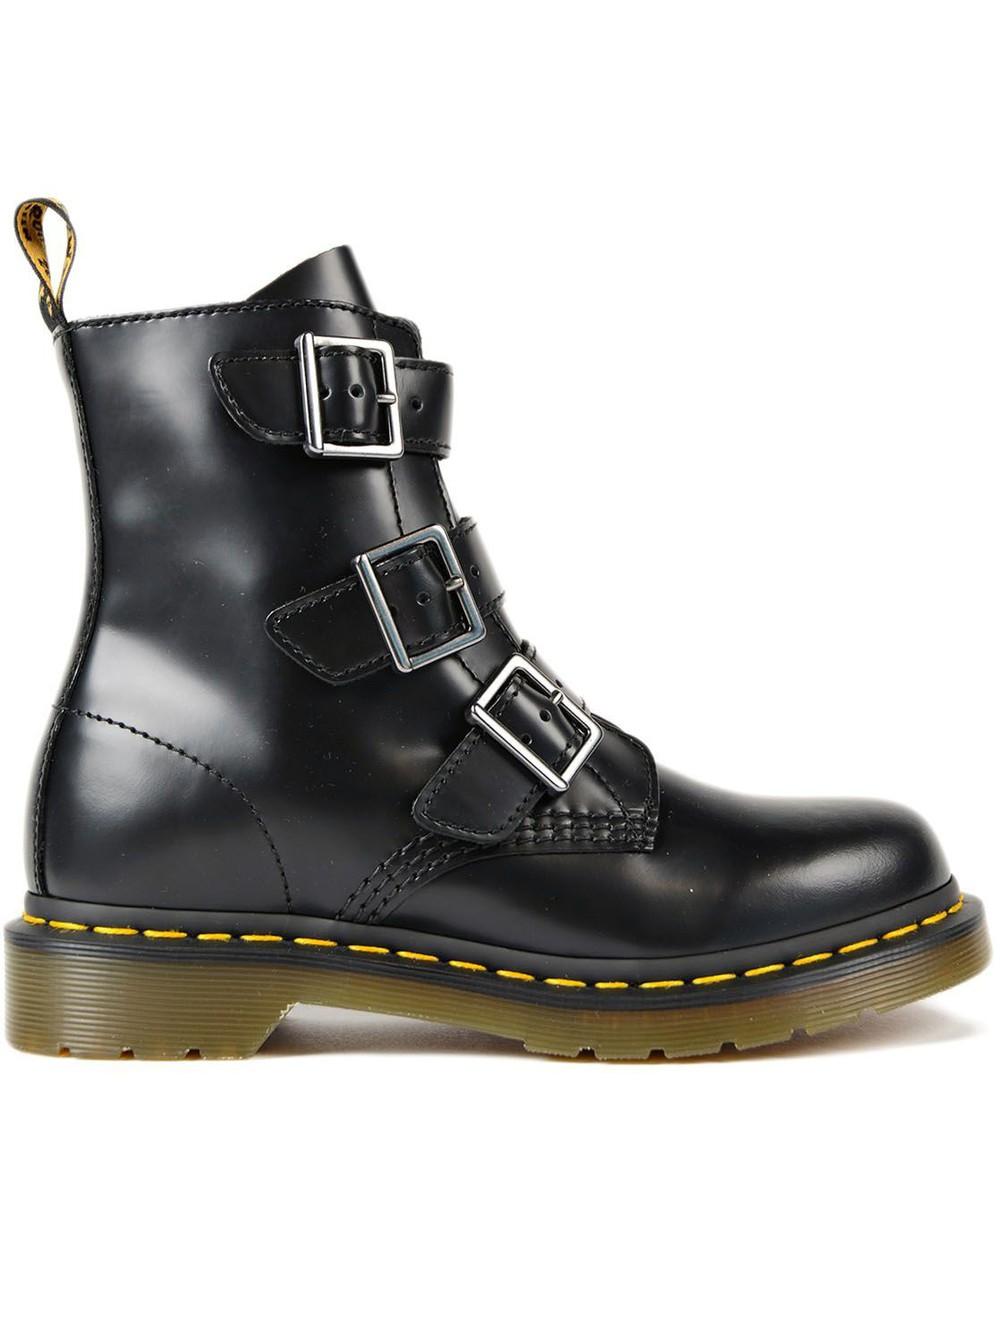 dr martens serena 8 eye boots in black wheretoget. Black Bedroom Furniture Sets. Home Design Ideas